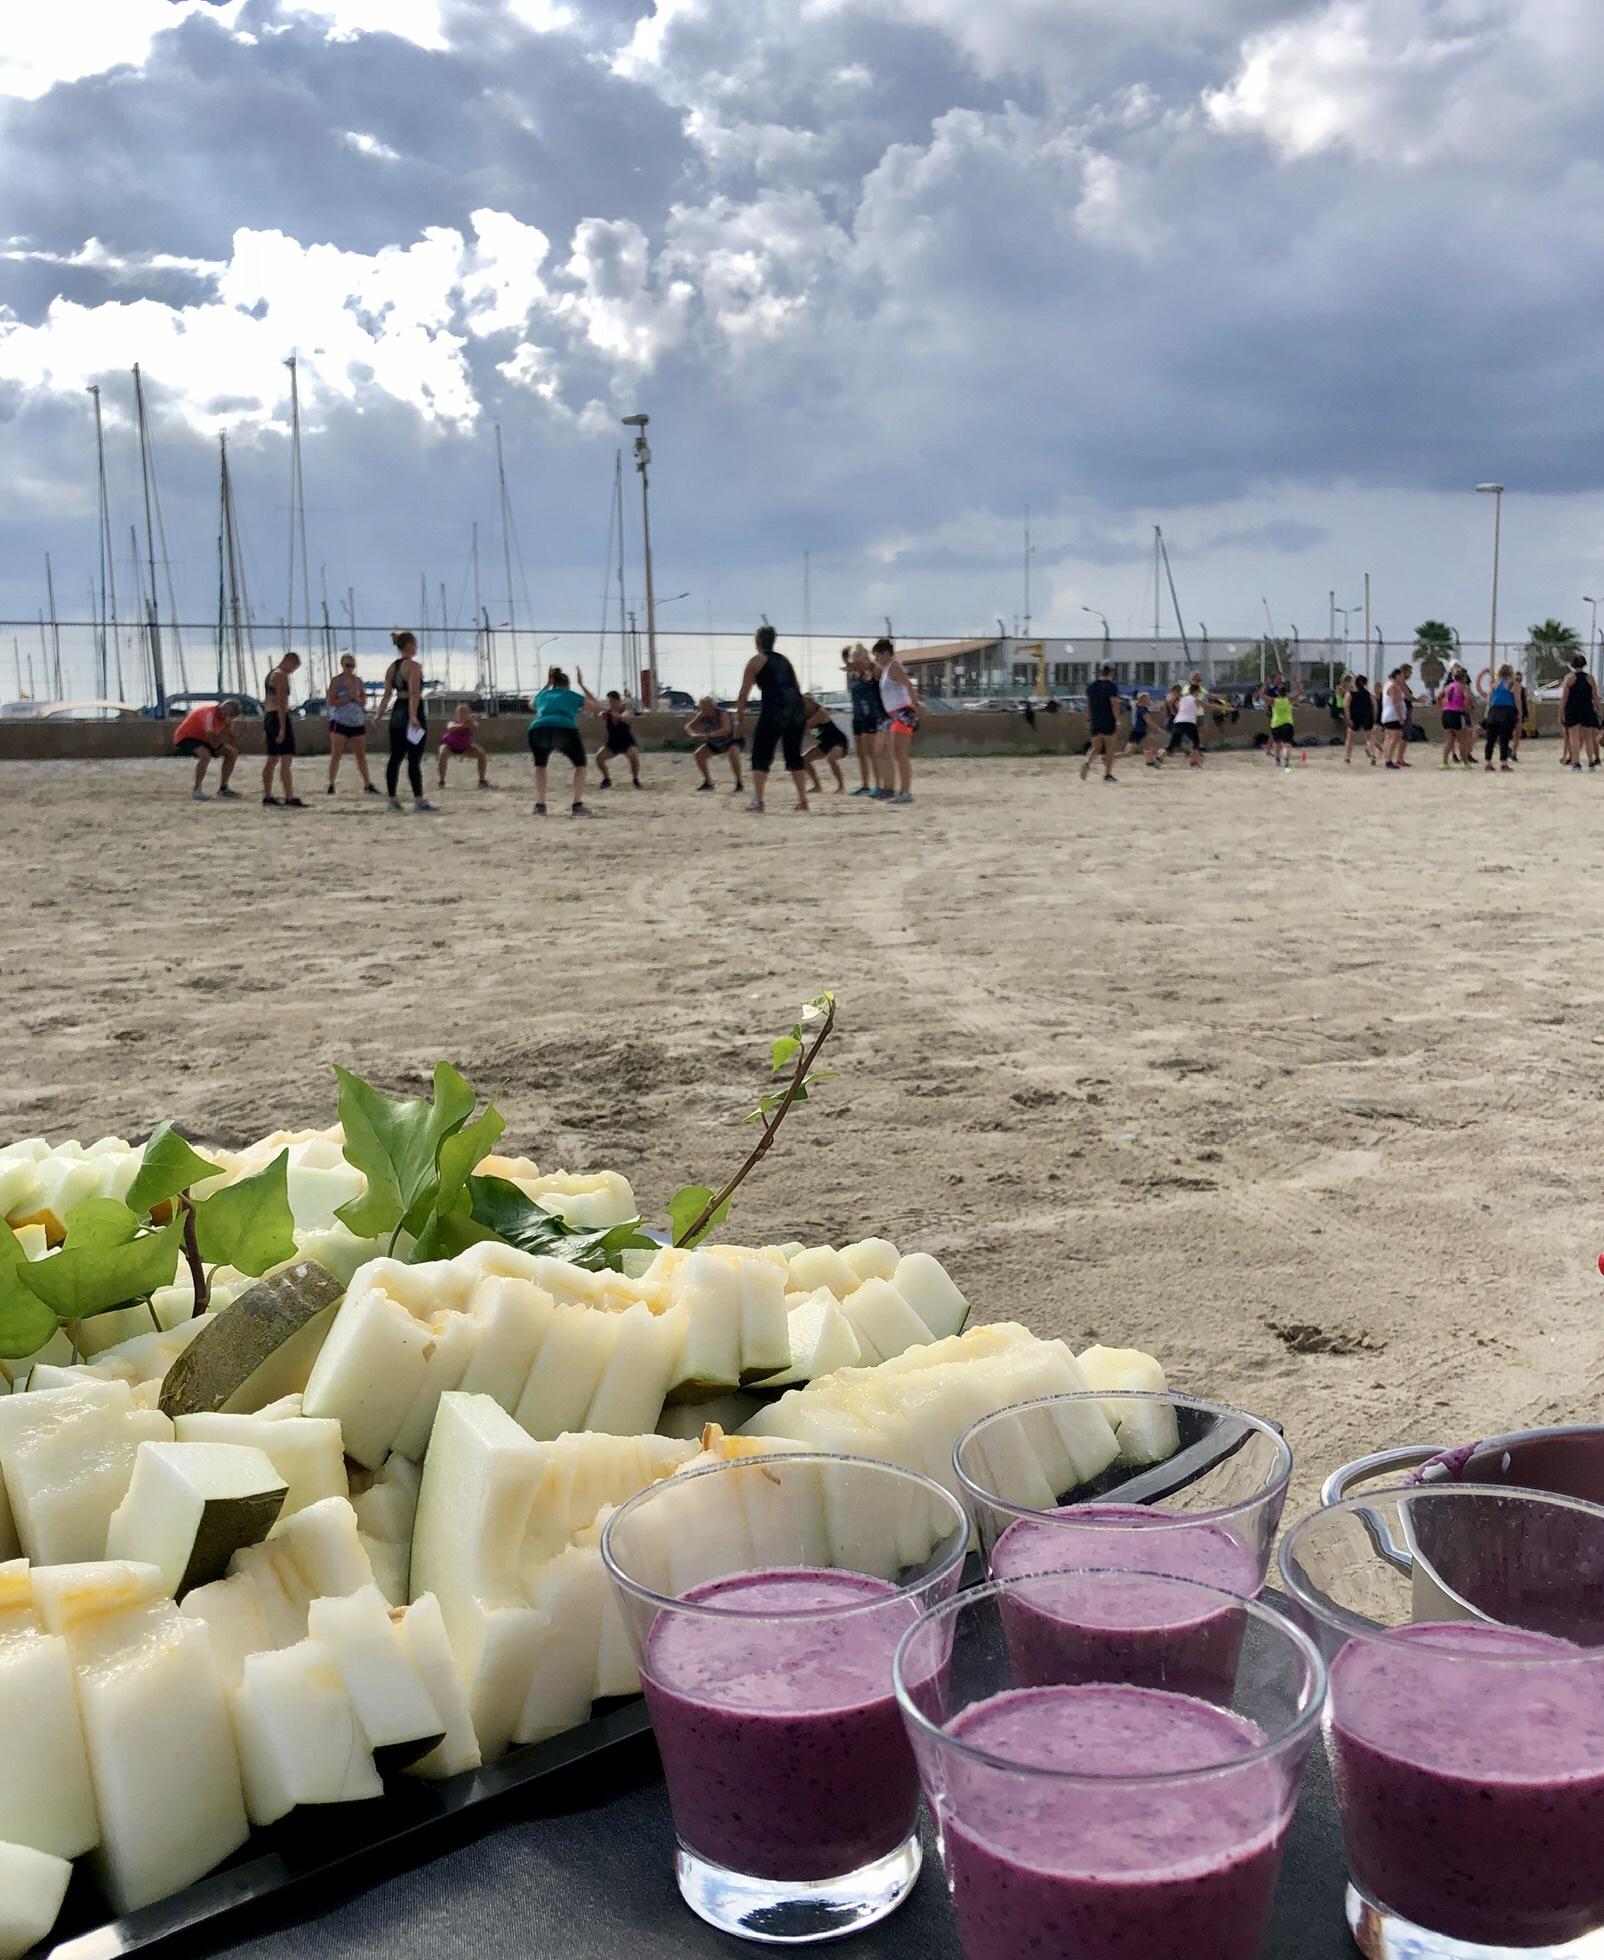 Kanske absolut bäst - om vi får välja är ju mat och träning ihop. Mat är ju som ännu lite godare då. Därför släpar vi gärna ner melliset till stranden. Ni tränar- vi fixar maten!